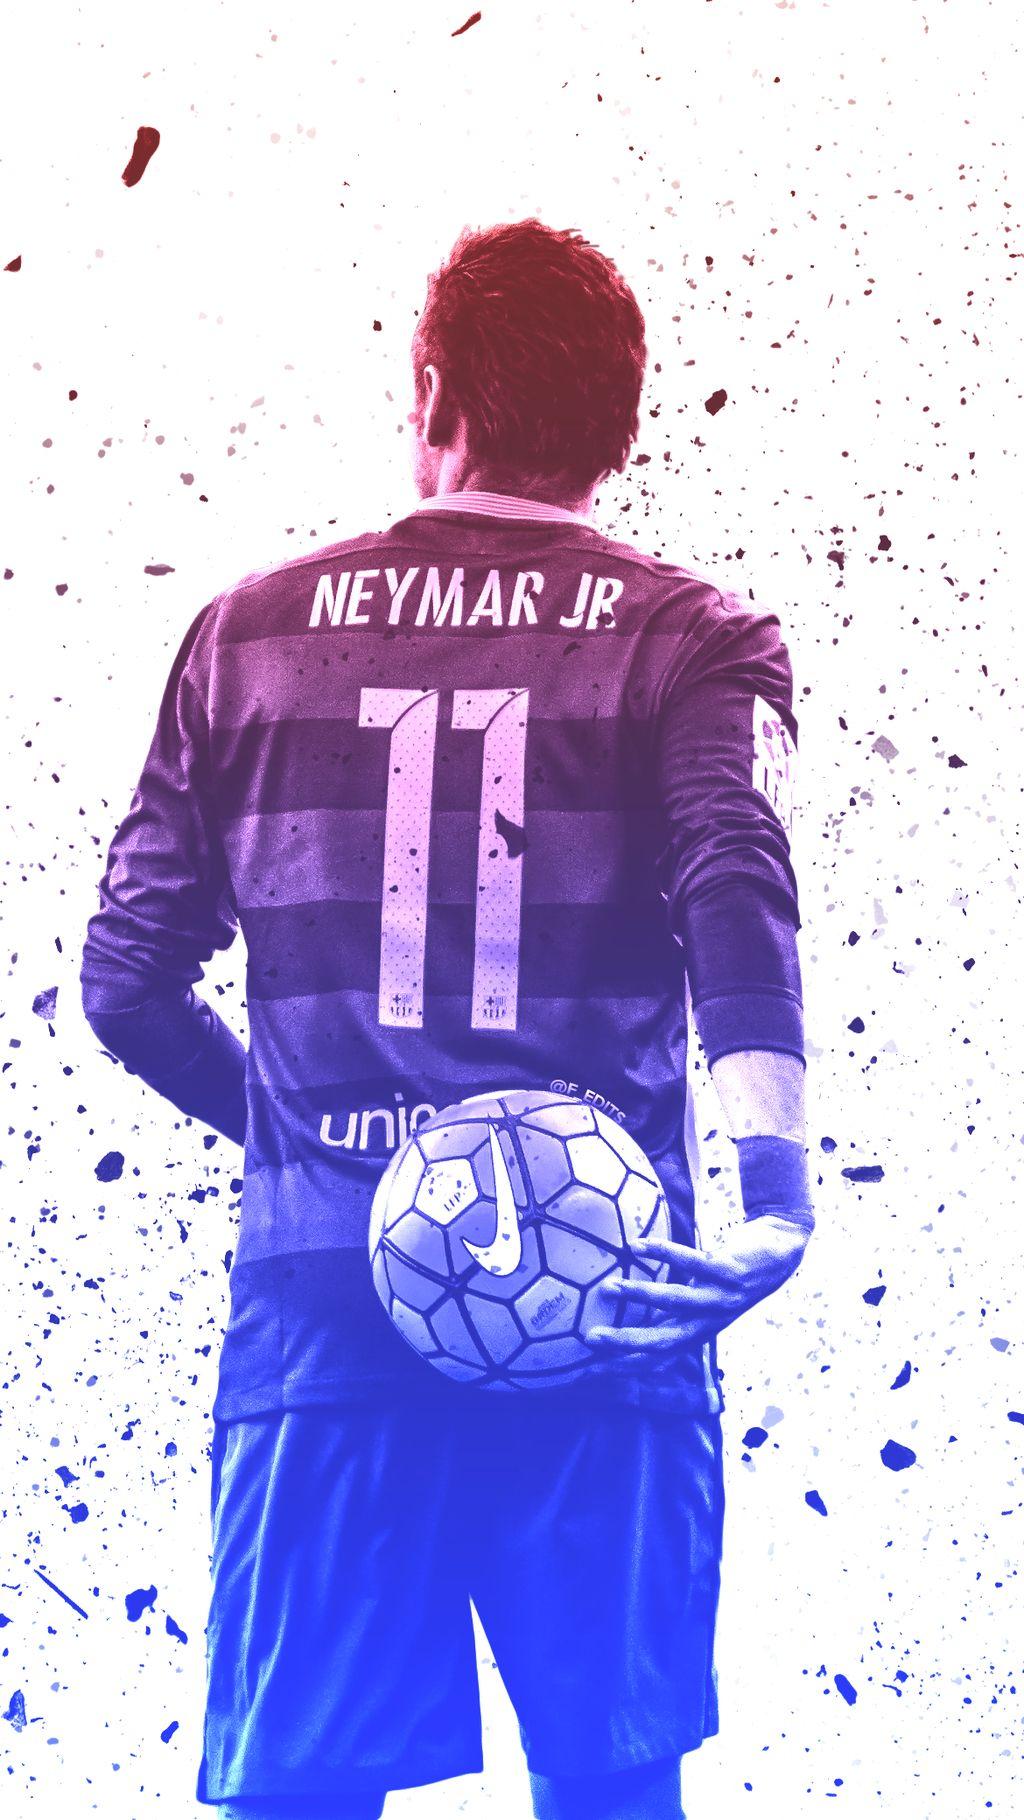 Les 25 Meilleures Ides De La Catgorie Neymar Wallpaper